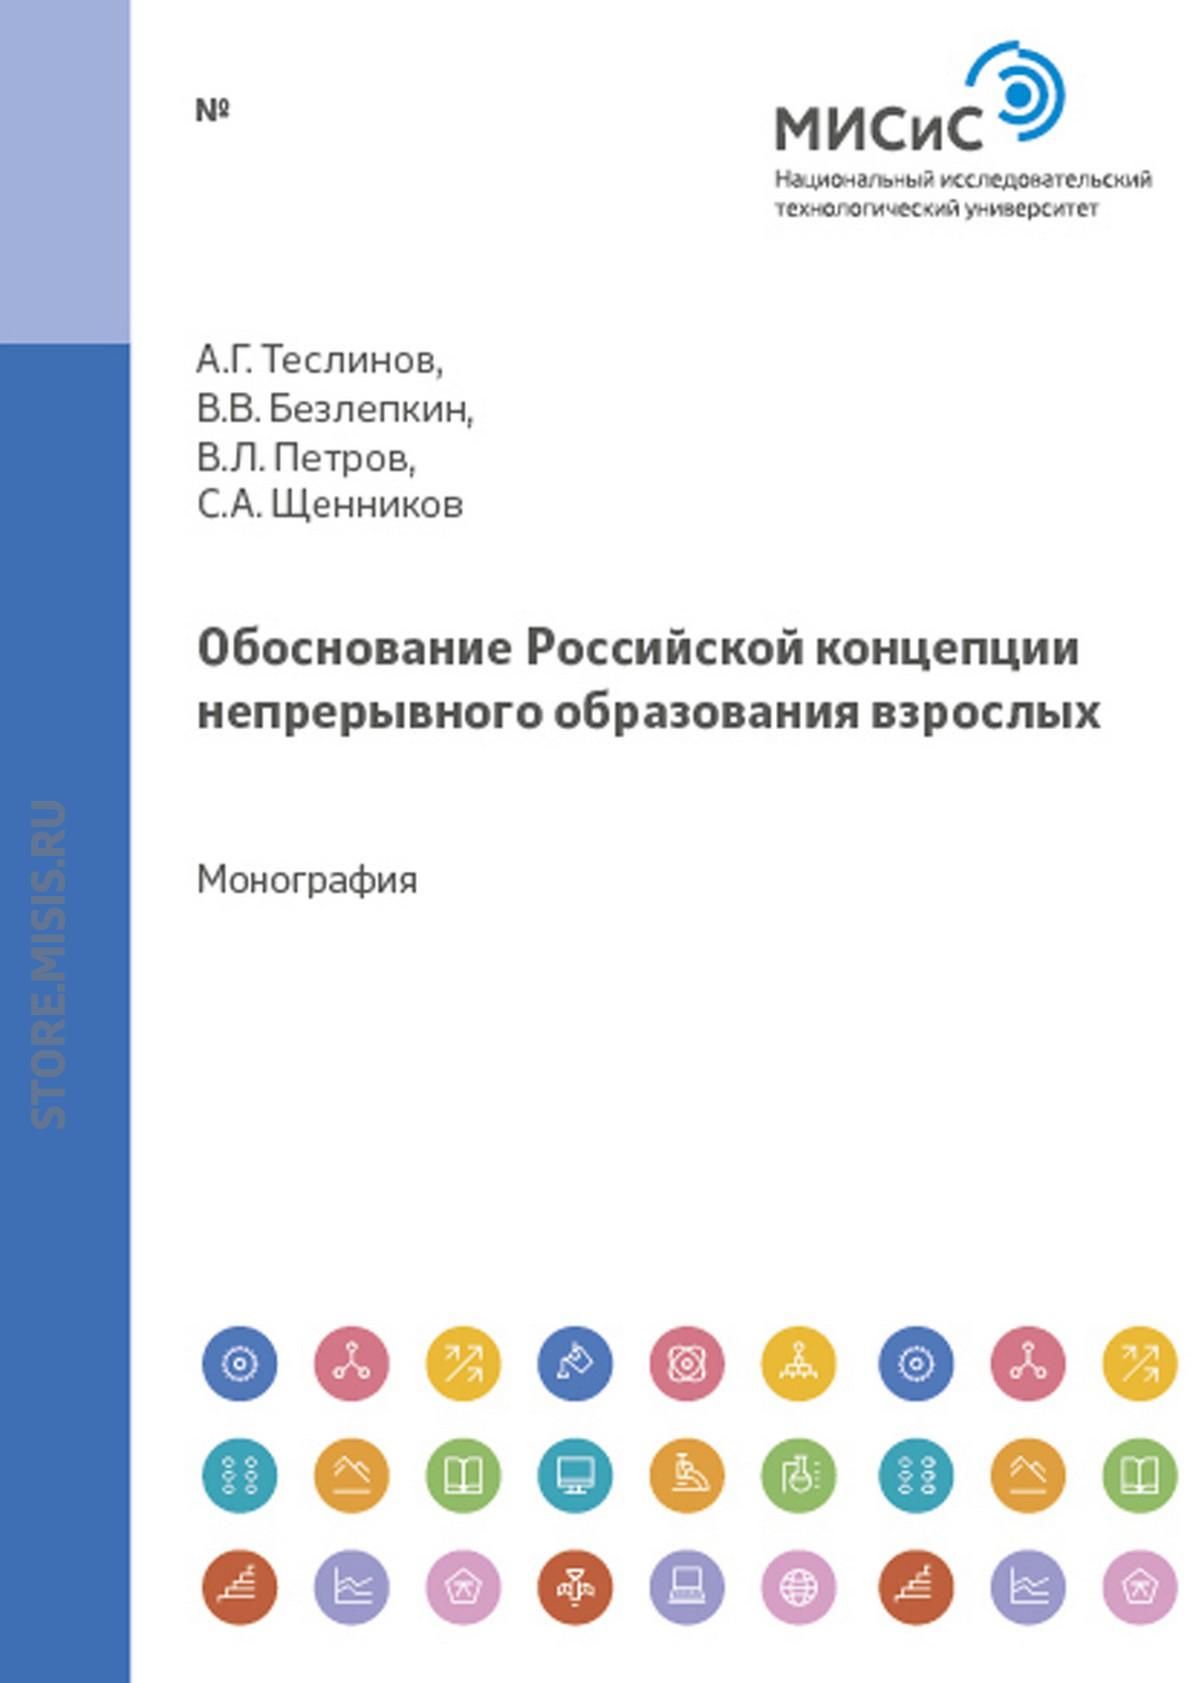 Обоснование российской концепции непрерывного образования взрослых